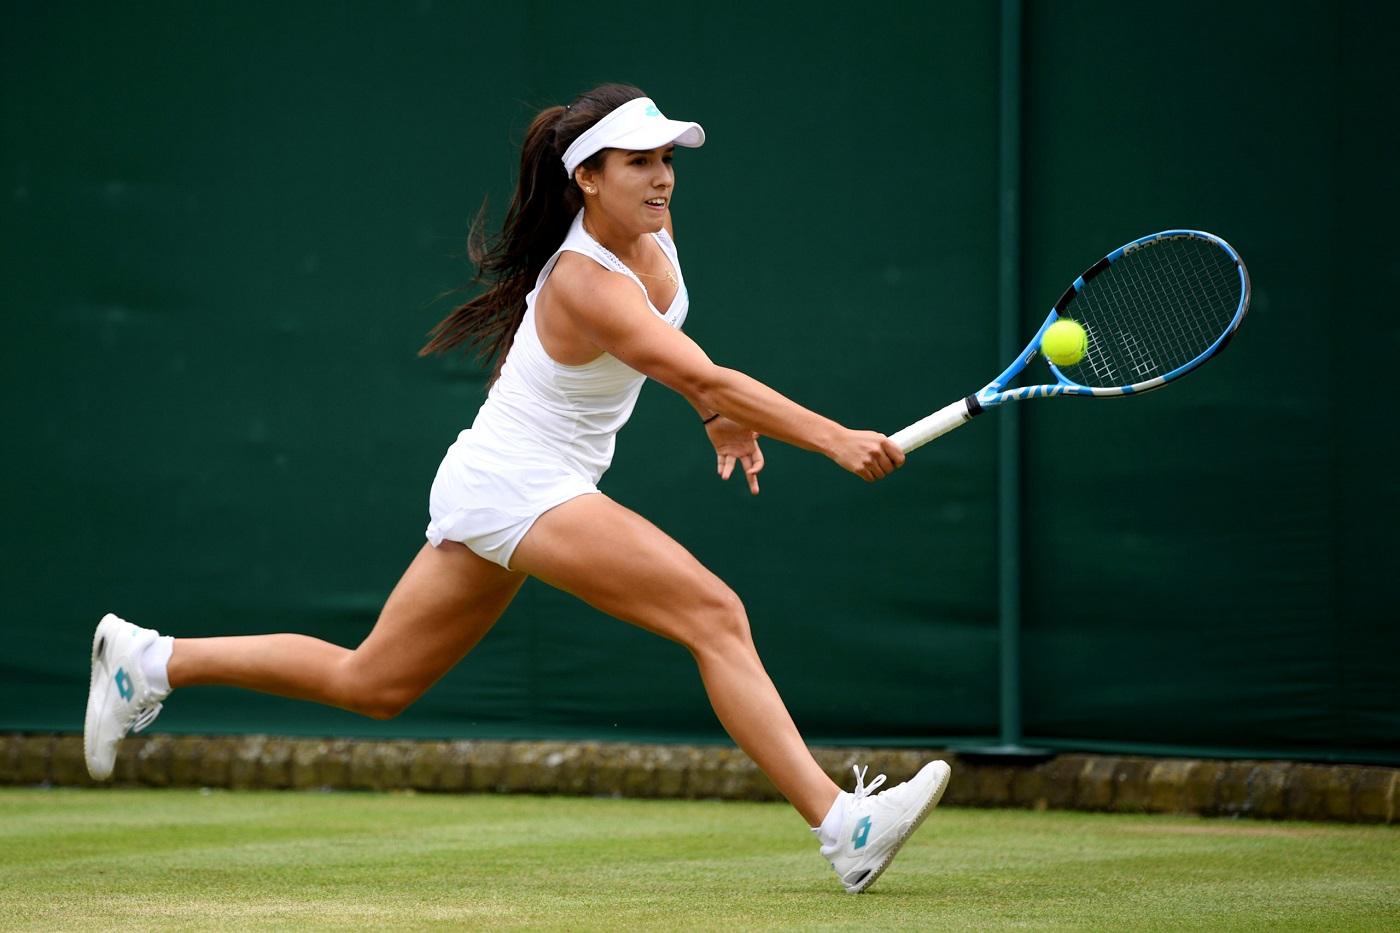 María Camila sigue sorprendiendo en Wimbledon